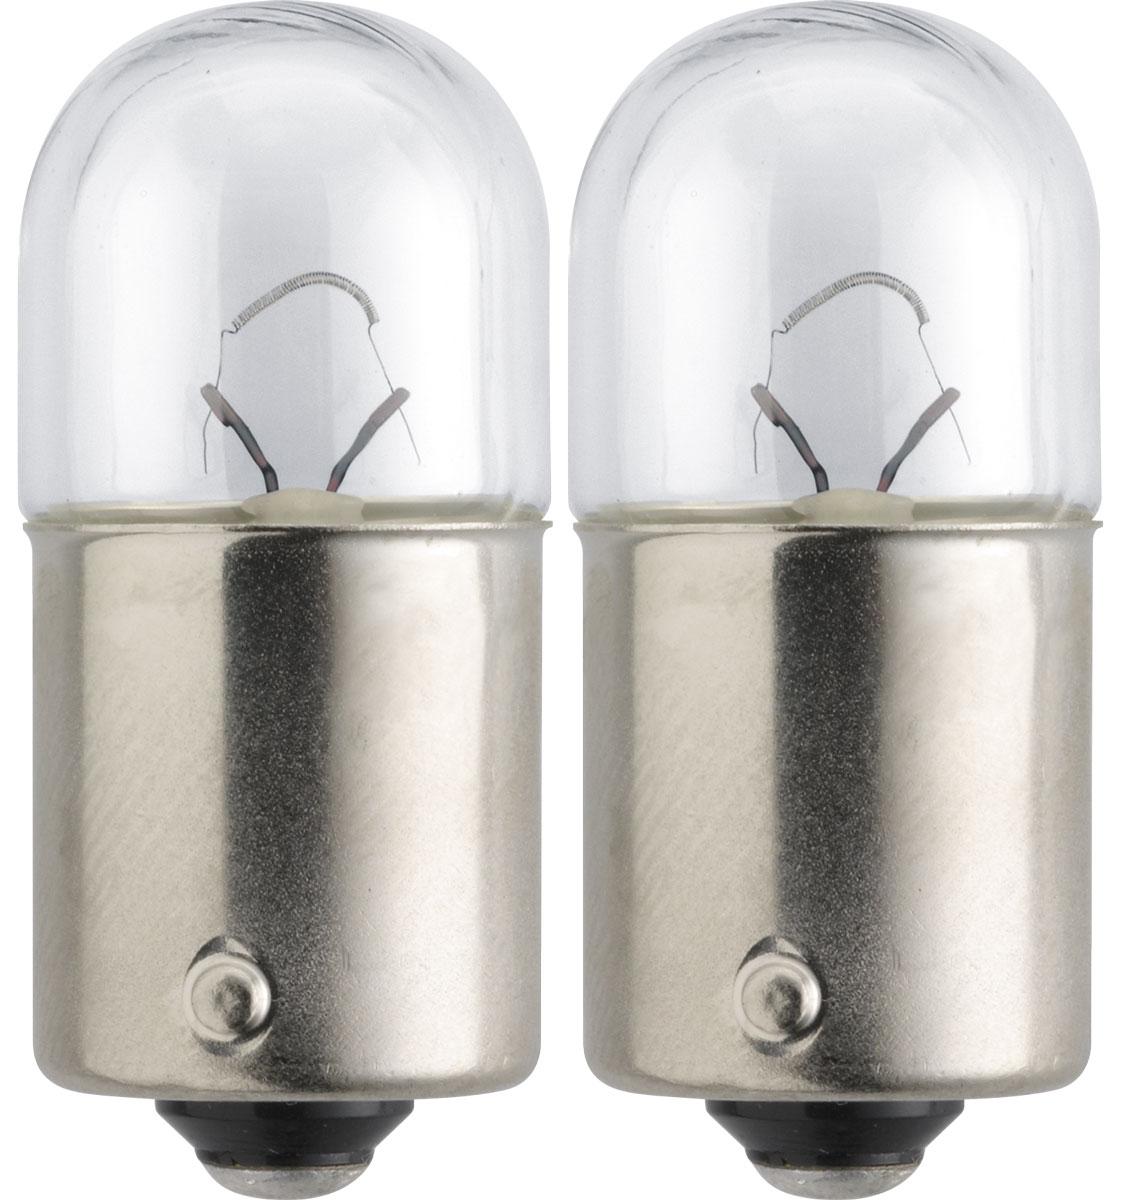 Лампа автомобильная галогенная Philips Standard, сигнальная, цоколь R10W (BA15s), 24V, 10W, 2шт13814B2 (бл.2)Автомобильная галогенная лампа Philips Standard произведена из запатентованного кварцевого стекла с УФ-фильтром Philips Quartz Glass. Кварцевое стекло Philips с УФ фильтром в отличие от обычного твердого стекла выдерживает гораздо большее давление смеси газов внутри колбы, что препятствует быстрому испарению вольфрама с нити накаливания. Кварцевое стекло выдерживает большой перепад температур, при попадании влаги на работающую лампу изделие не взрывается и продолжает работать. Автомобильная лампа Philips Standard с напряжением питания 24 В предназначена для автобусов и грузовиков, она создает максимальную безопасность и комфорт при вождении, а также отличается экономичностью, непревзойденным сроком службы и повышенной устойчивостью к вибрациям. Такие лампы являются отличным световым решением, соответствуют стандартам качества для оригинального оборудования и обеспечивают максимальную производительность и минимальное время простоя. Автомобильные галогенные лампы Philips удовлетворят все нужды автомобилистов: дальний свет, ближний свет, передние противотуманные фары, передние и боковые указатели поворота, задние указатели поворота, стоп-сигналы, фонари заднего хода, задние противотуманные фонари, освещение номерного знака, задние габаритные/стояночные фонари, освещение салона.